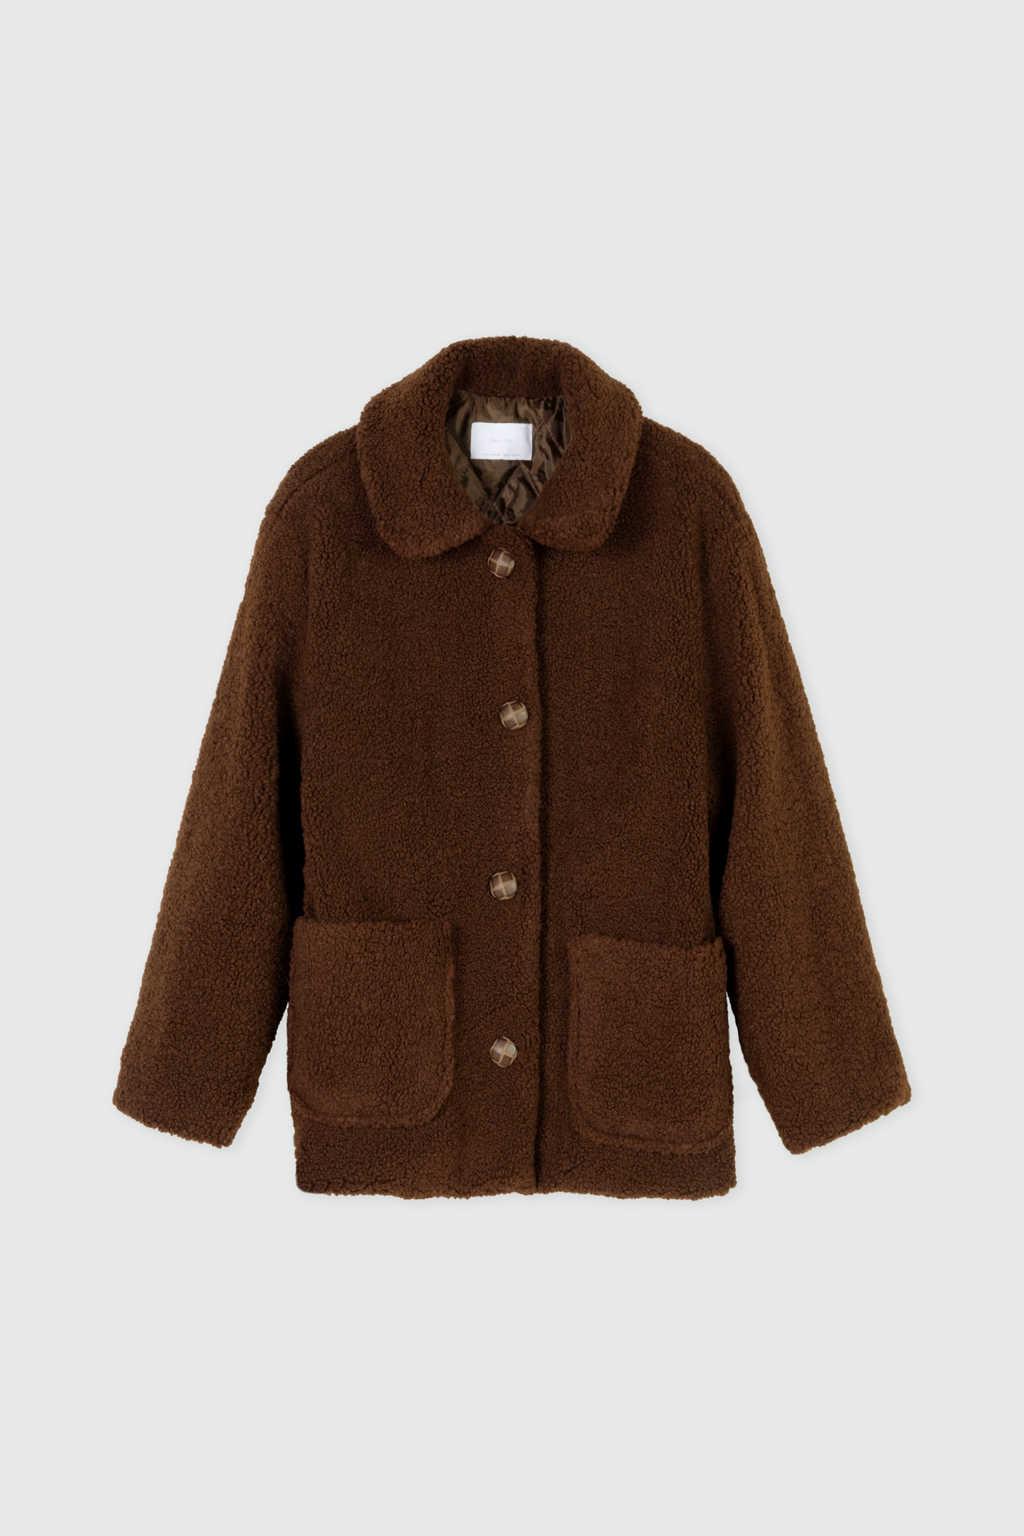 Jacket J001K Brown 5